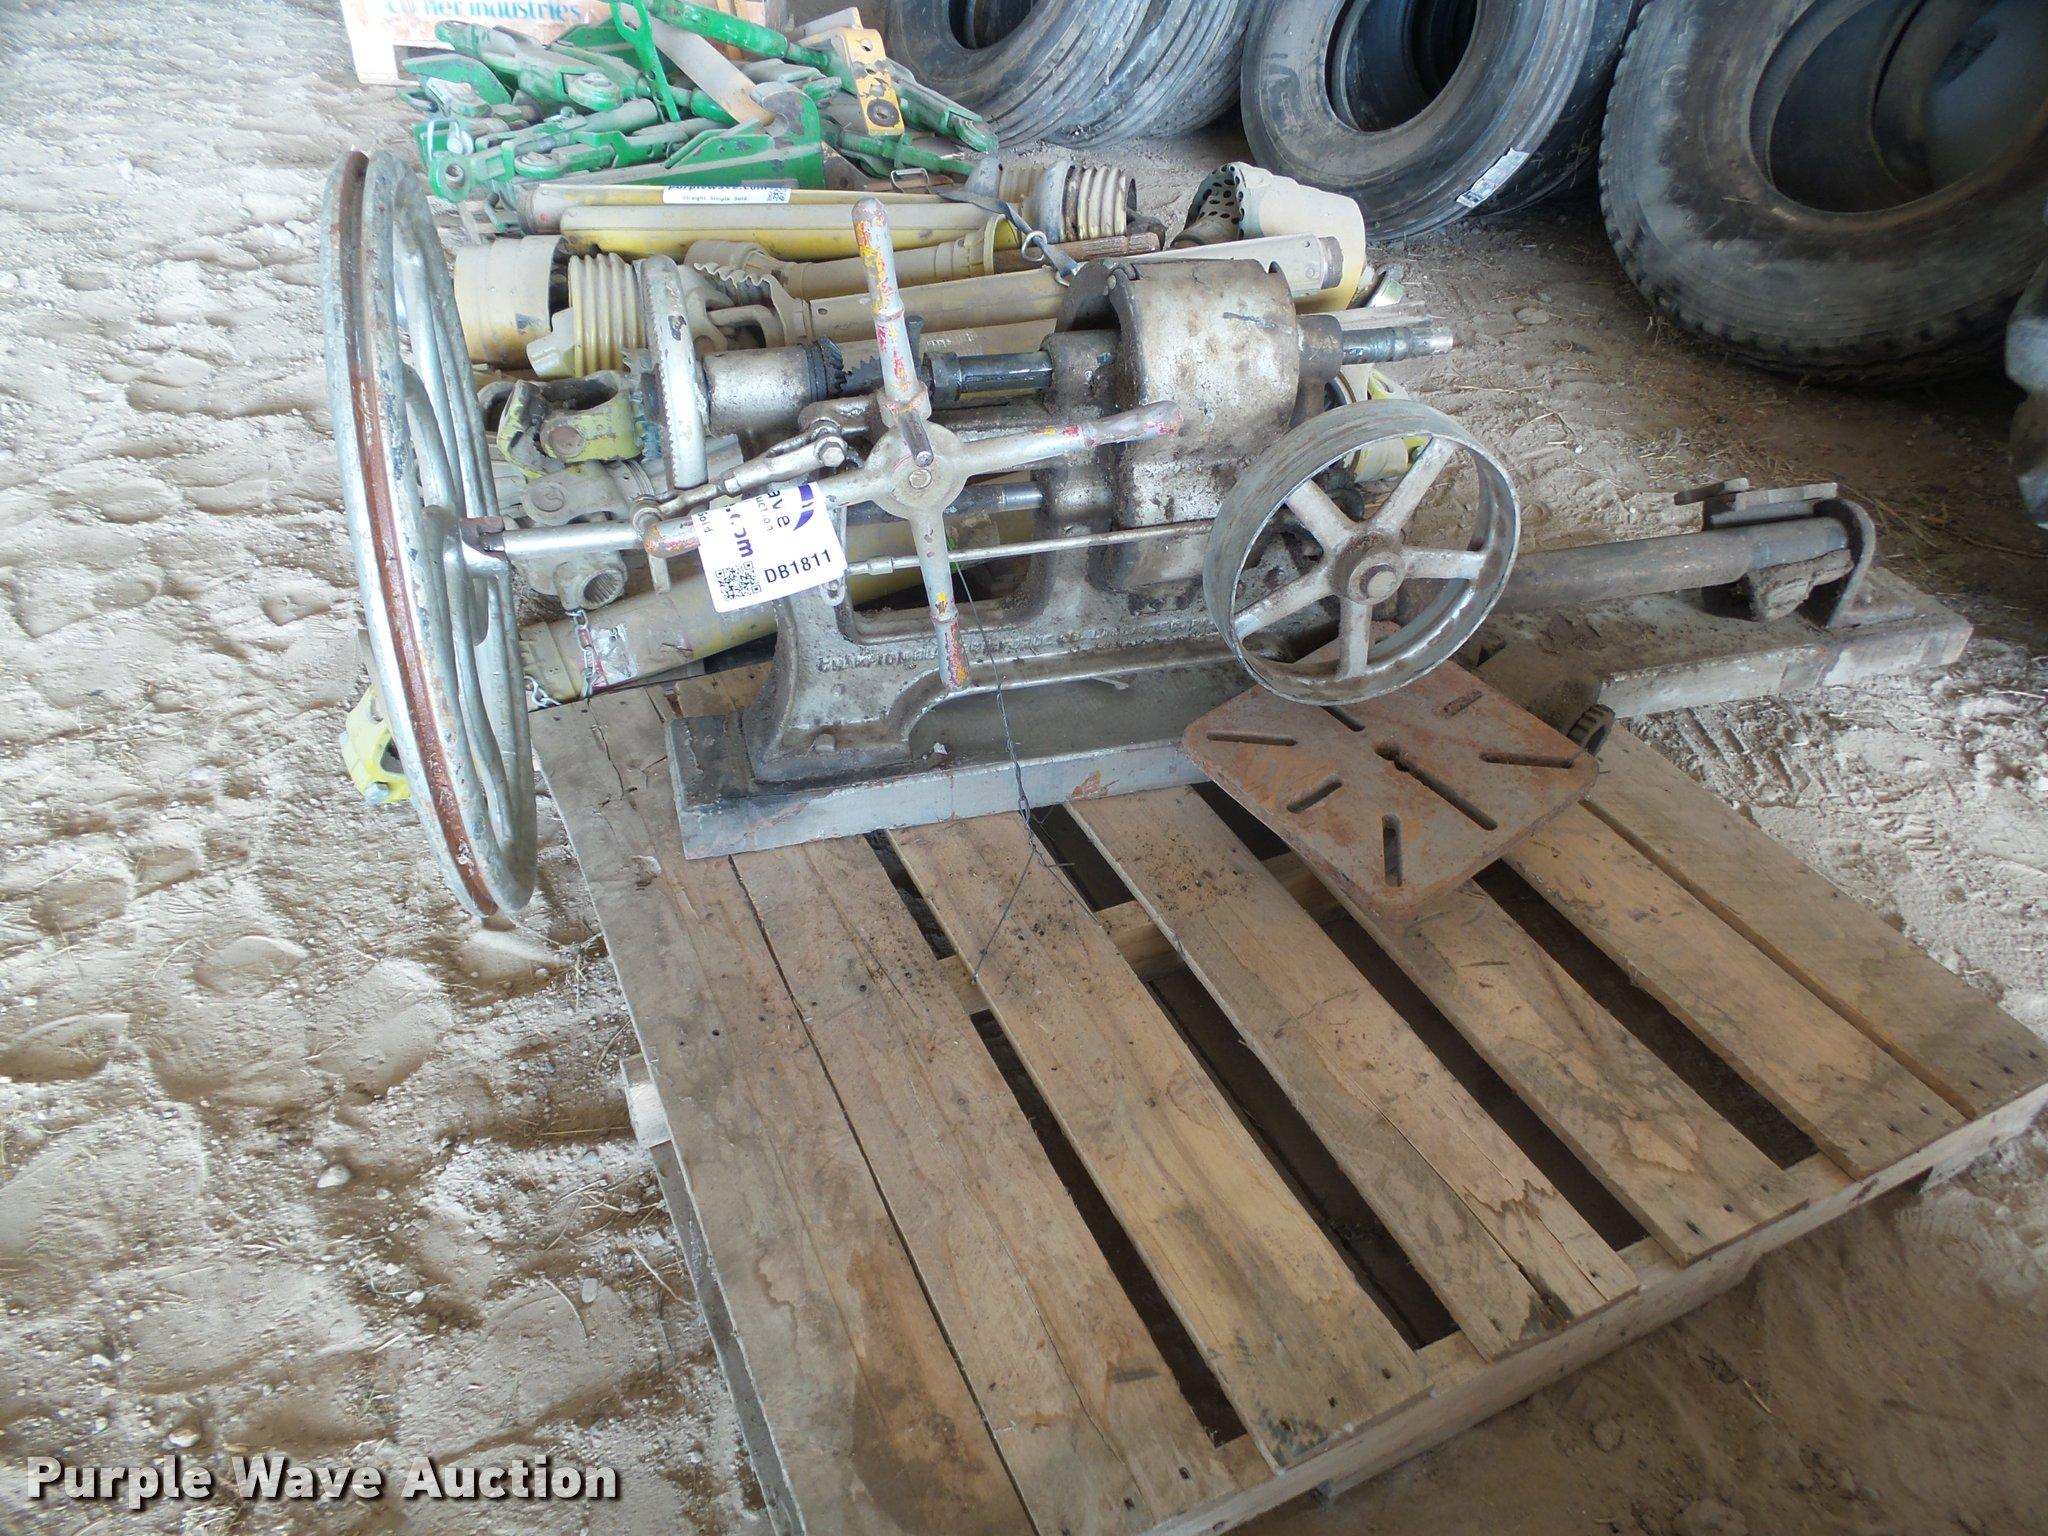 Champion Blower Forge drill press | Item DB1811 | SOLD! Febr